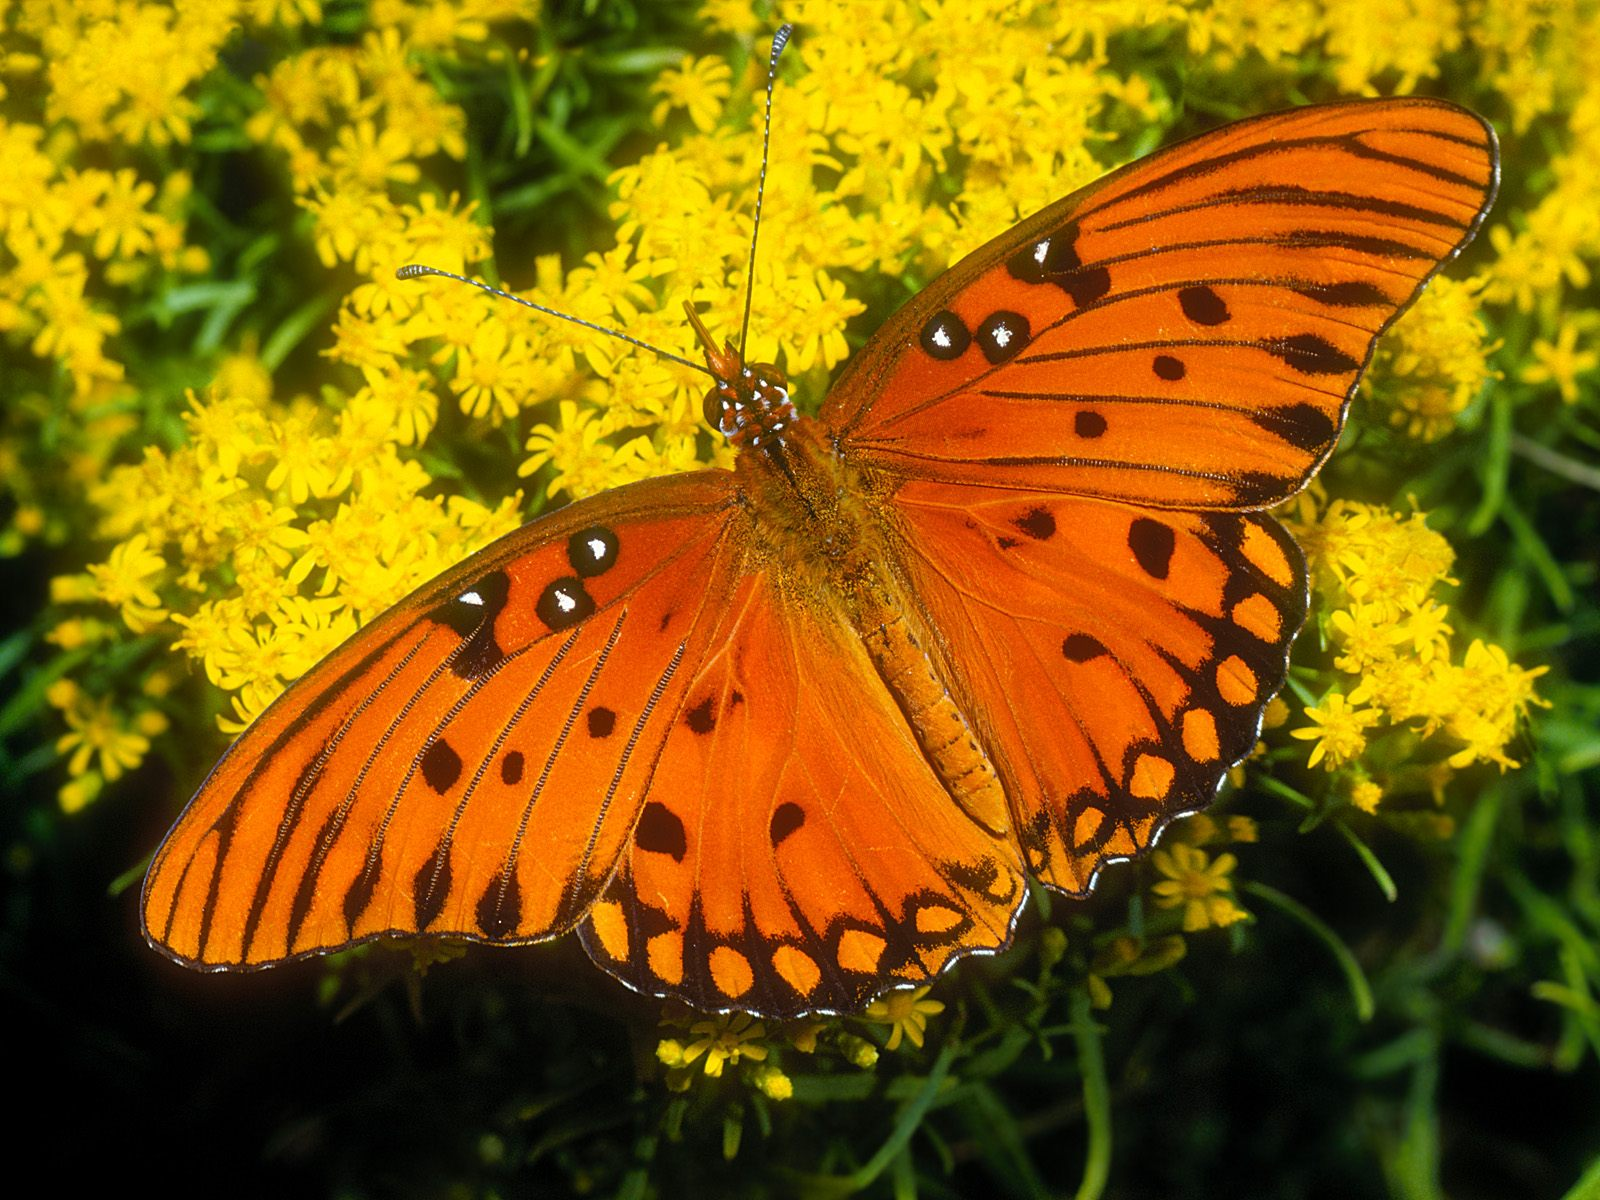 精美图片欣赏-昆虫世界 - 沉默是金 -    沉默是金博客